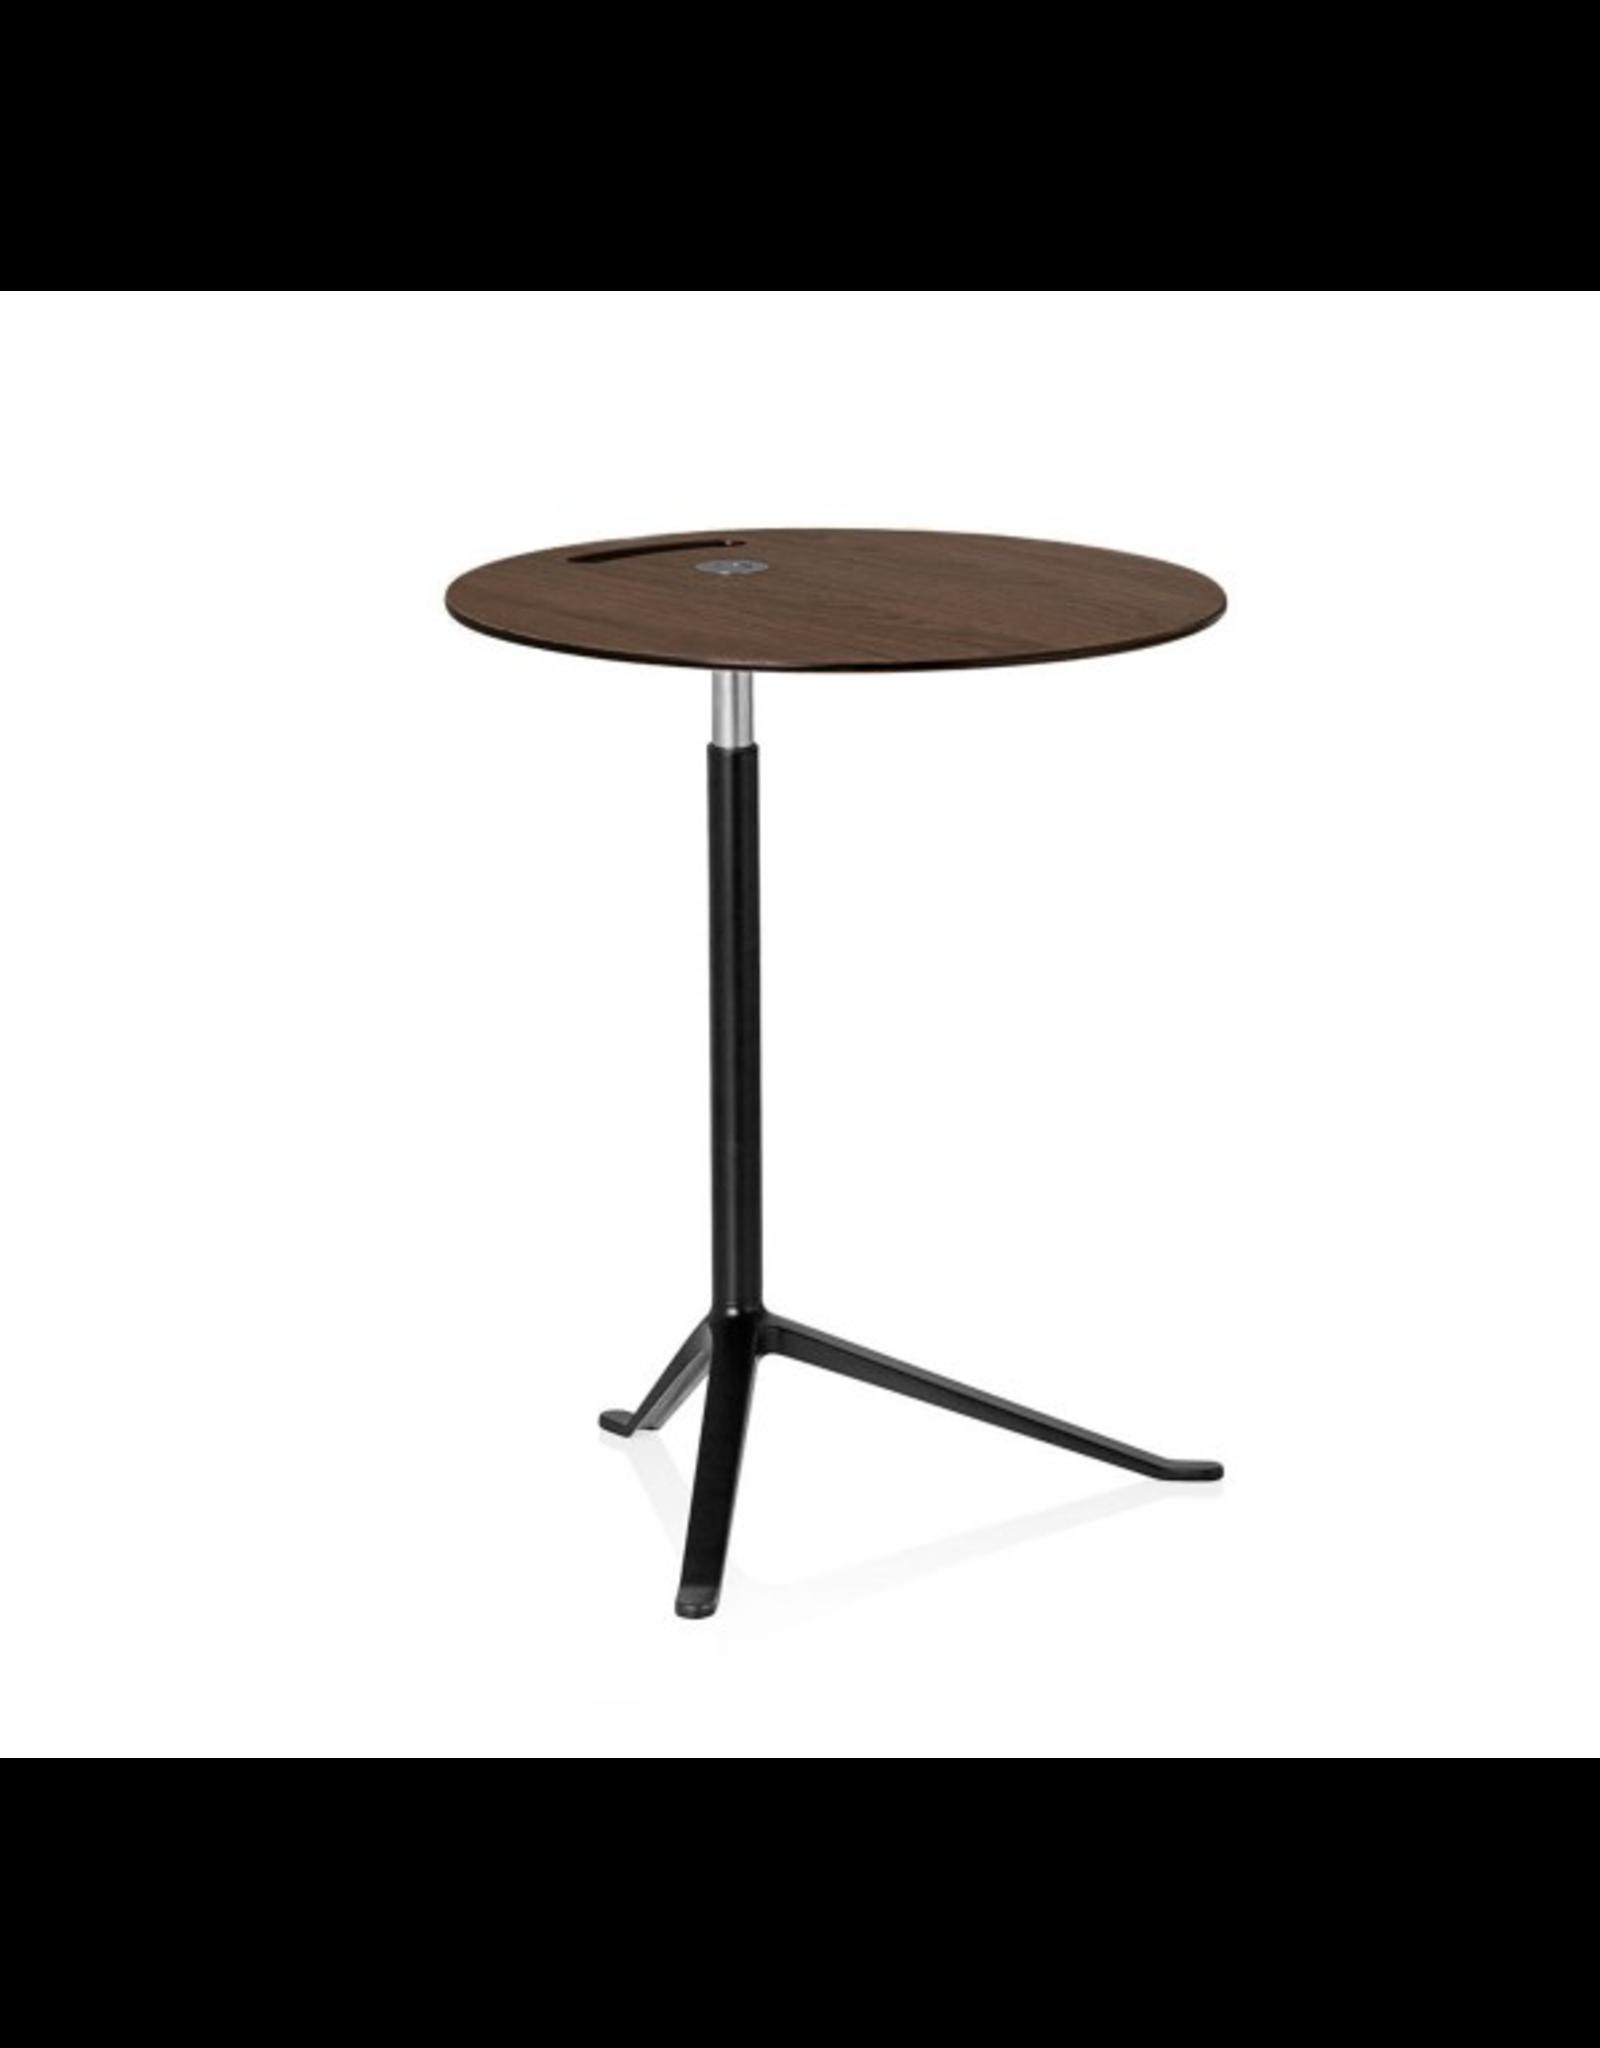 KS11 LITTLE FRIEND MULTI-PURPOSE TABLE IN WALNUT